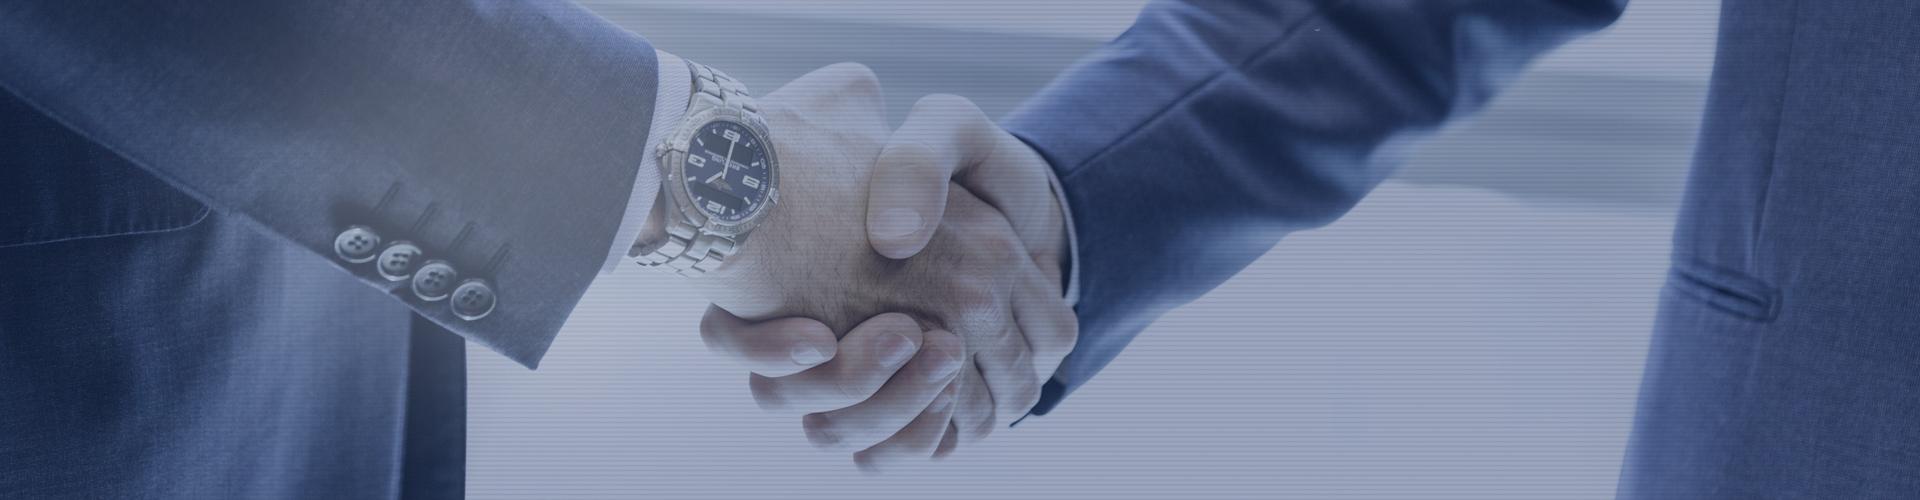 ALFA - Società di Consulenza Finanziaria | Slide 1 (home)